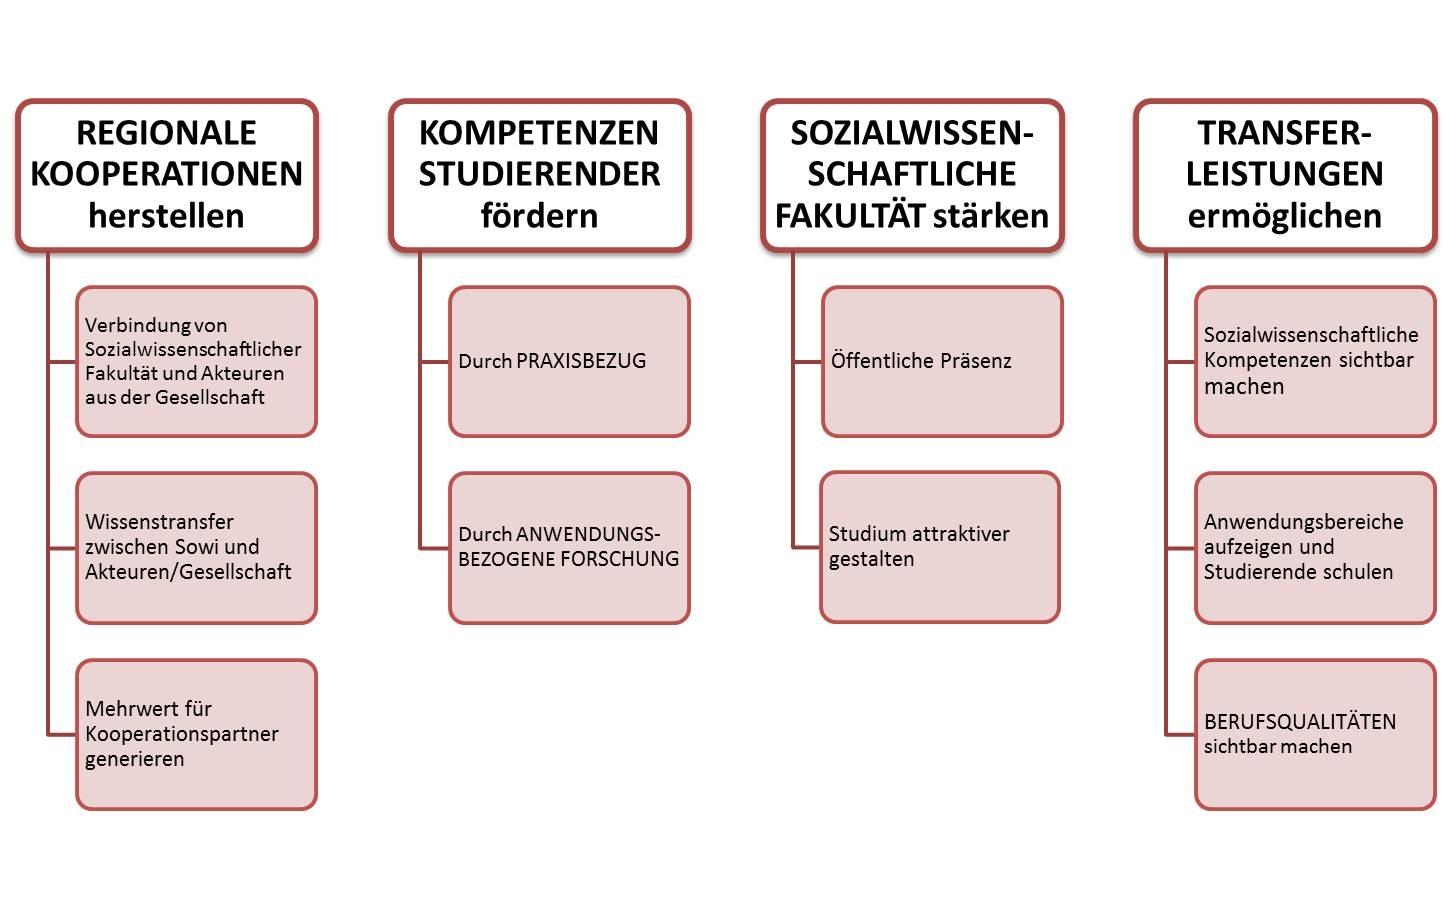 Berühmt Klempner Fortsetzen Wort Bilder - Entry Level Resume ...